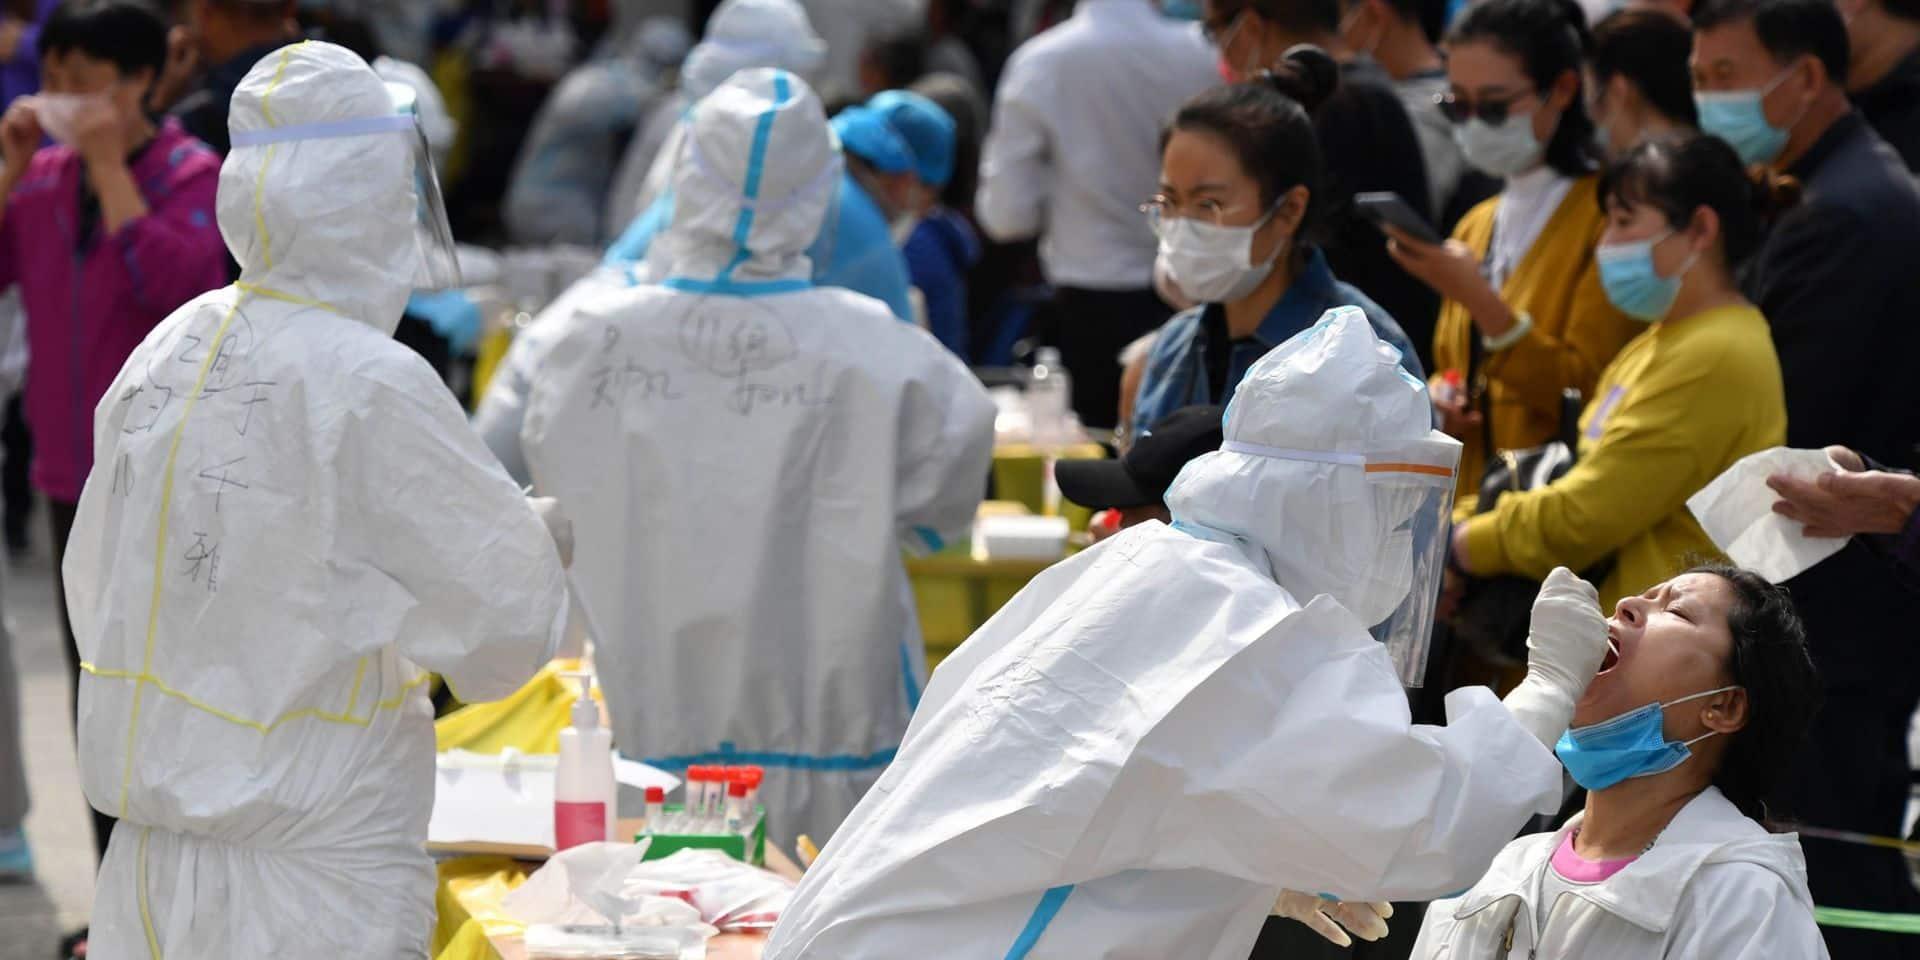 Coronavirus : la ville chinoise de Qingdao teste 7,5 millions de personnes en trois jours